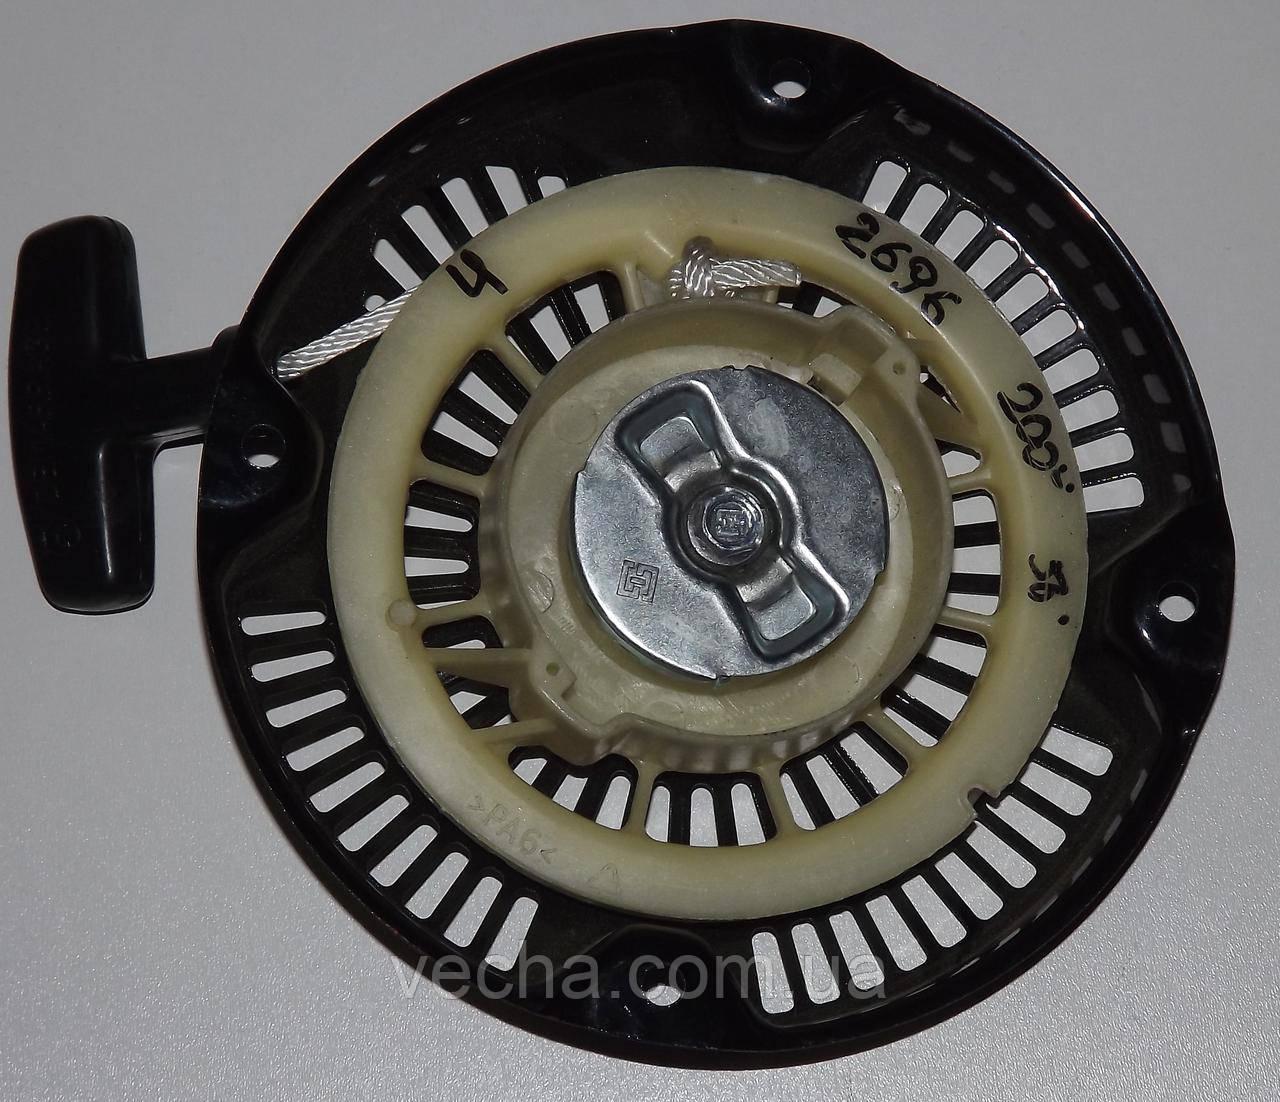 Ручной стартера на генератор, фото 1